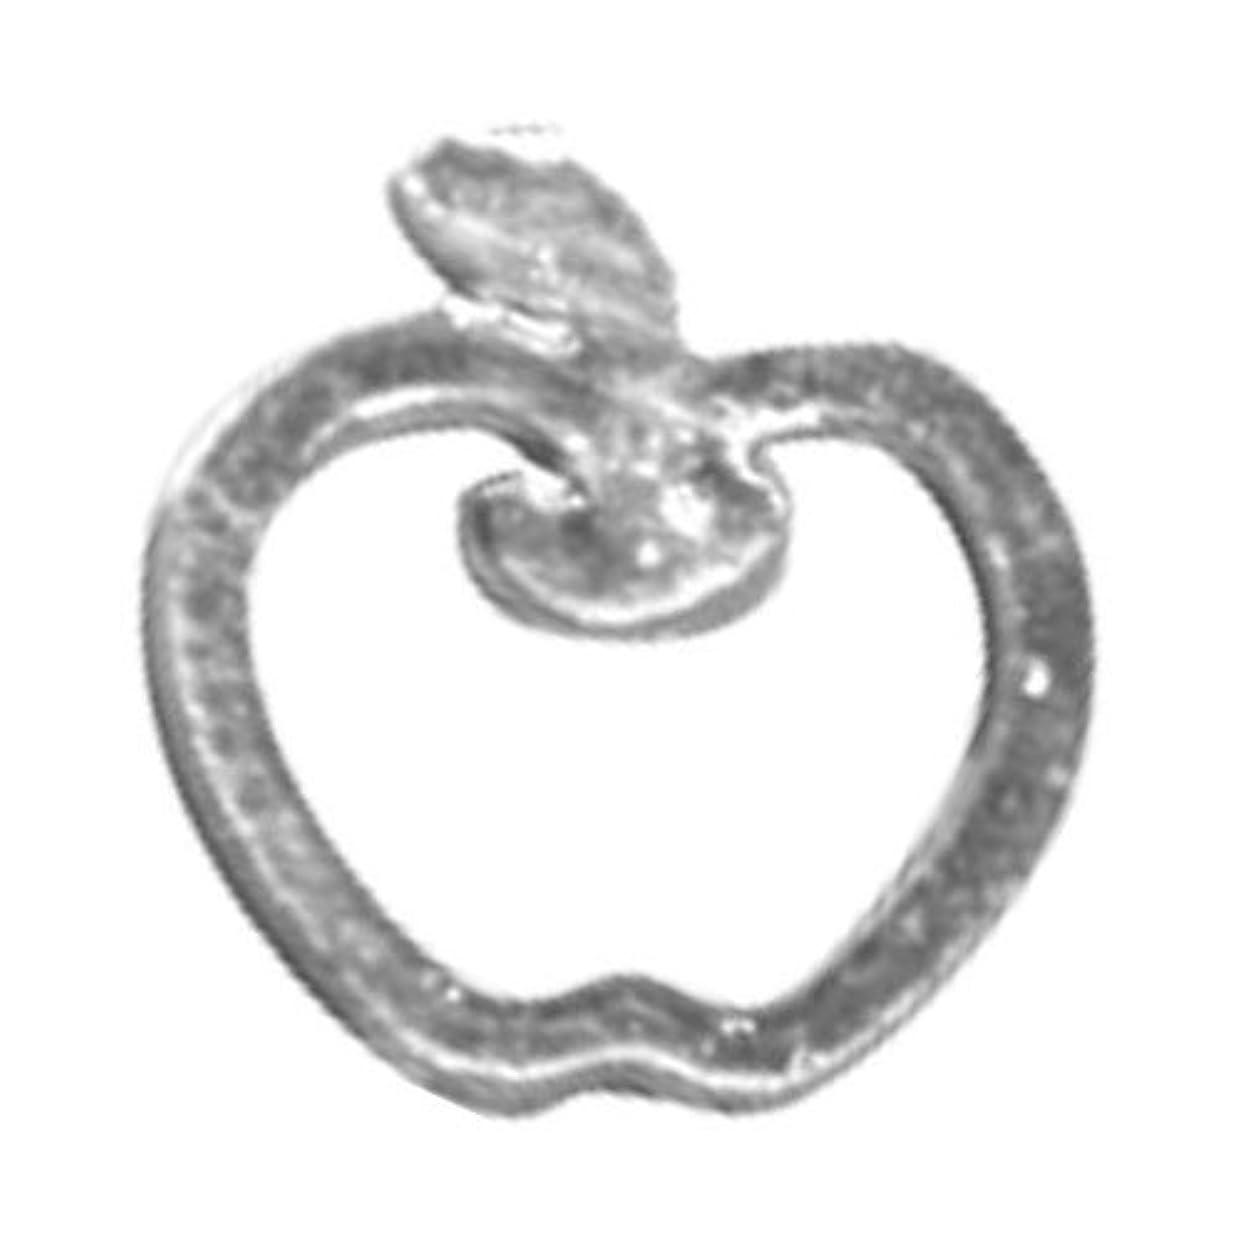 パブ私のコマンドリトルプリティー ネイルアートパーツ リンゴ SS シルバー 10個